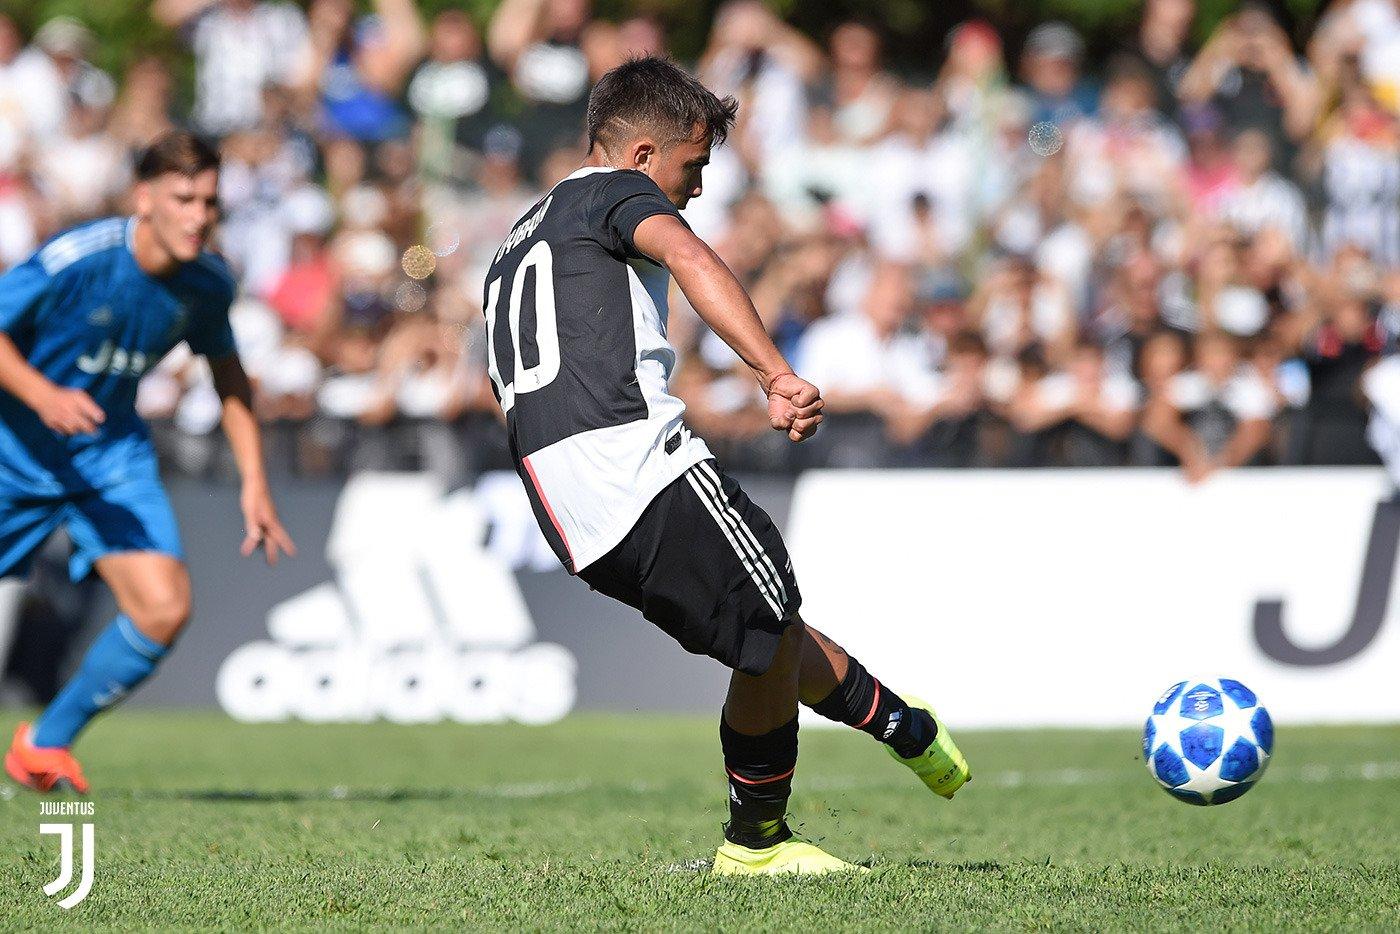 مباراة يوفنتوس وفريق الشباب (2)